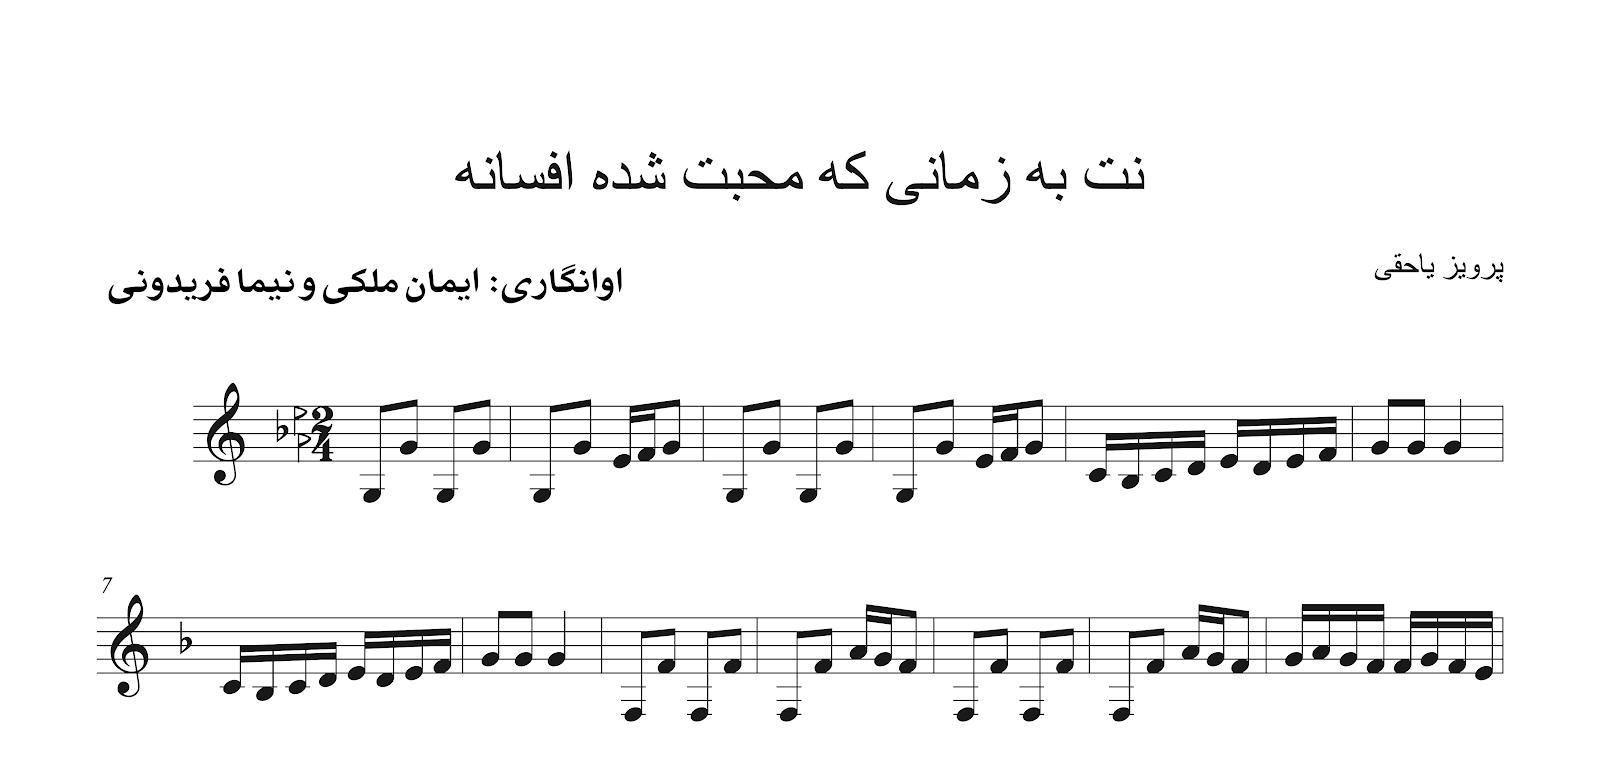 نت آواز دل پرویز یاحقی آوانگاری نیما فریدونی